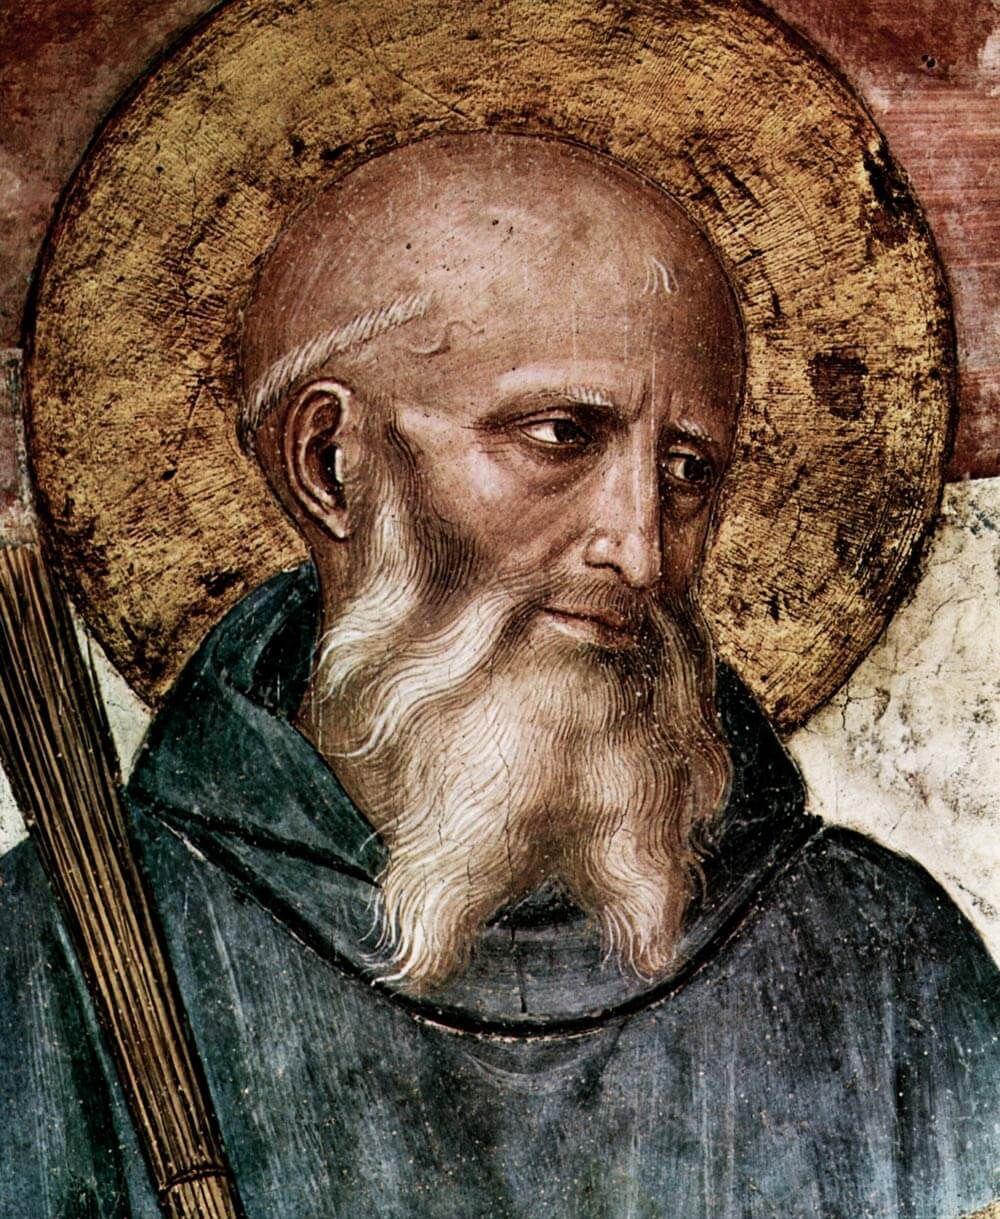 """Saint Benoît de Nursie peint par Fra Angelico : """"Qui veut la vie et désire le bonheur? Si tu réponds """"Moi"""" alors écoute mon fils et prête l'oreille de ton coeur... et creuse comme un chercheur de trésor..."""""""